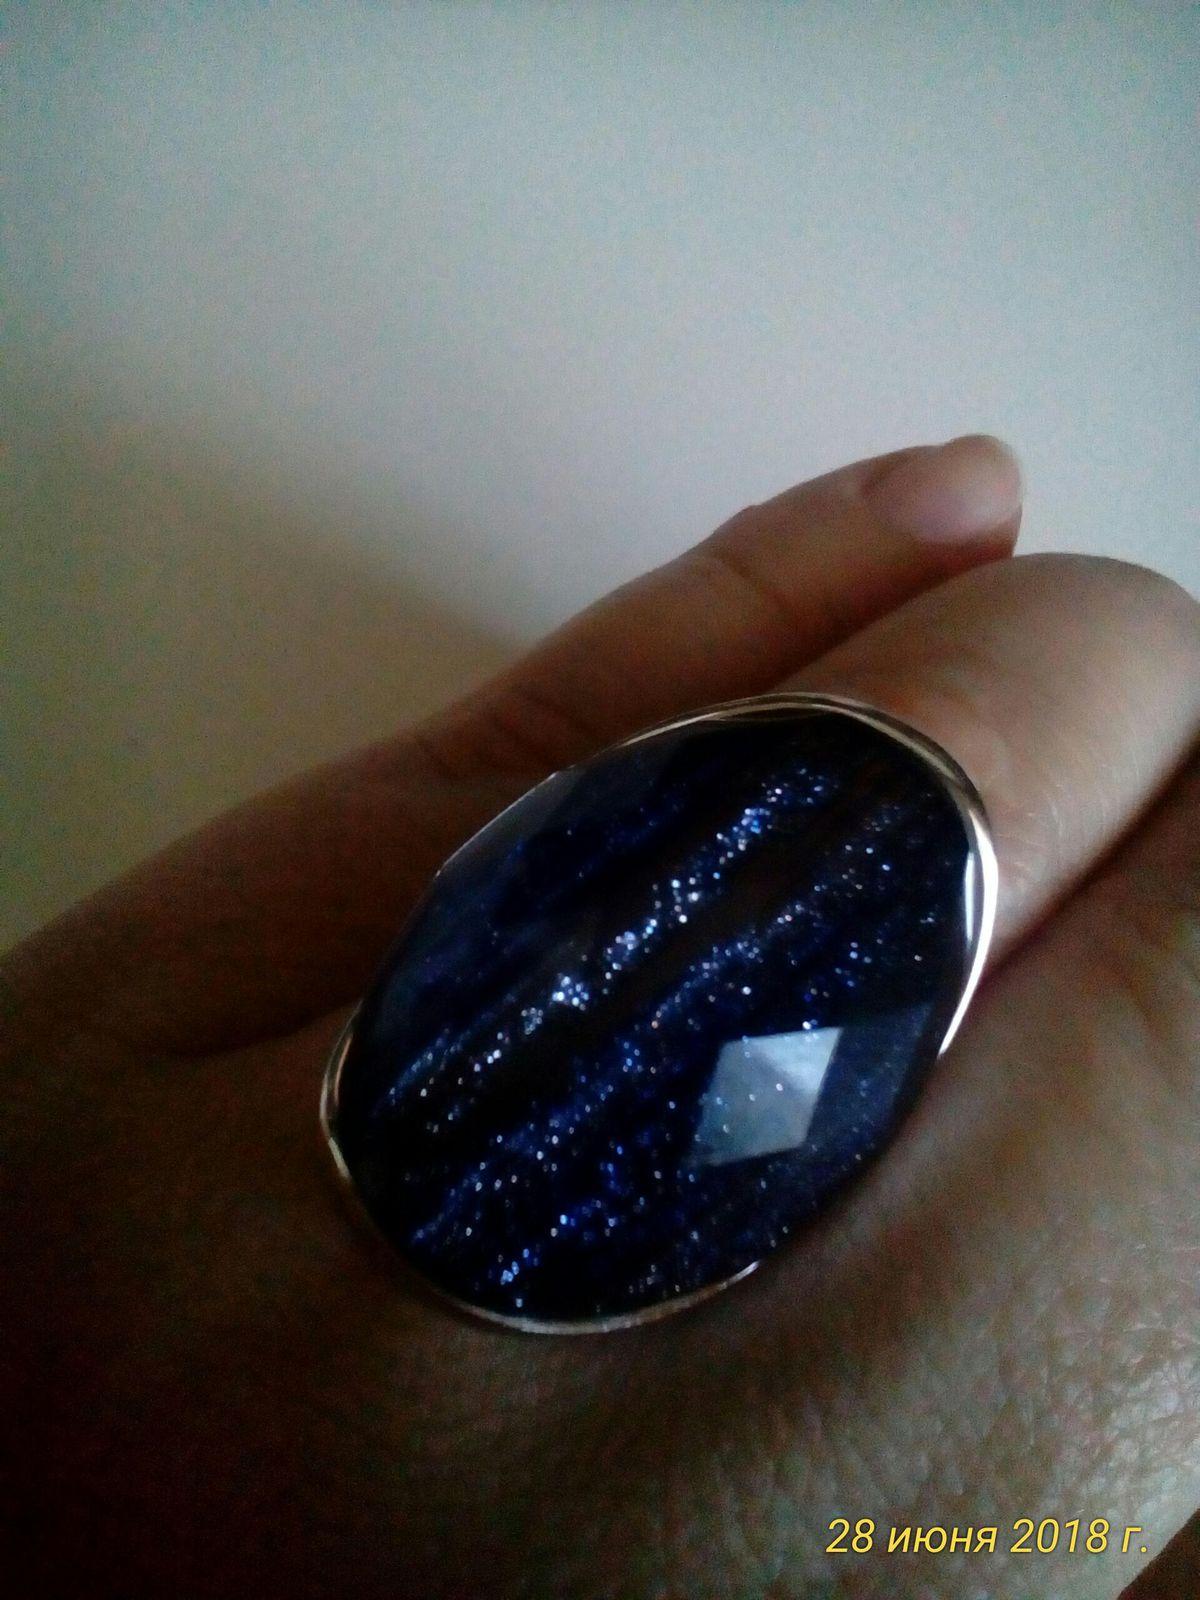 Космическое кольцо!!! Галактика на пальце!!!!